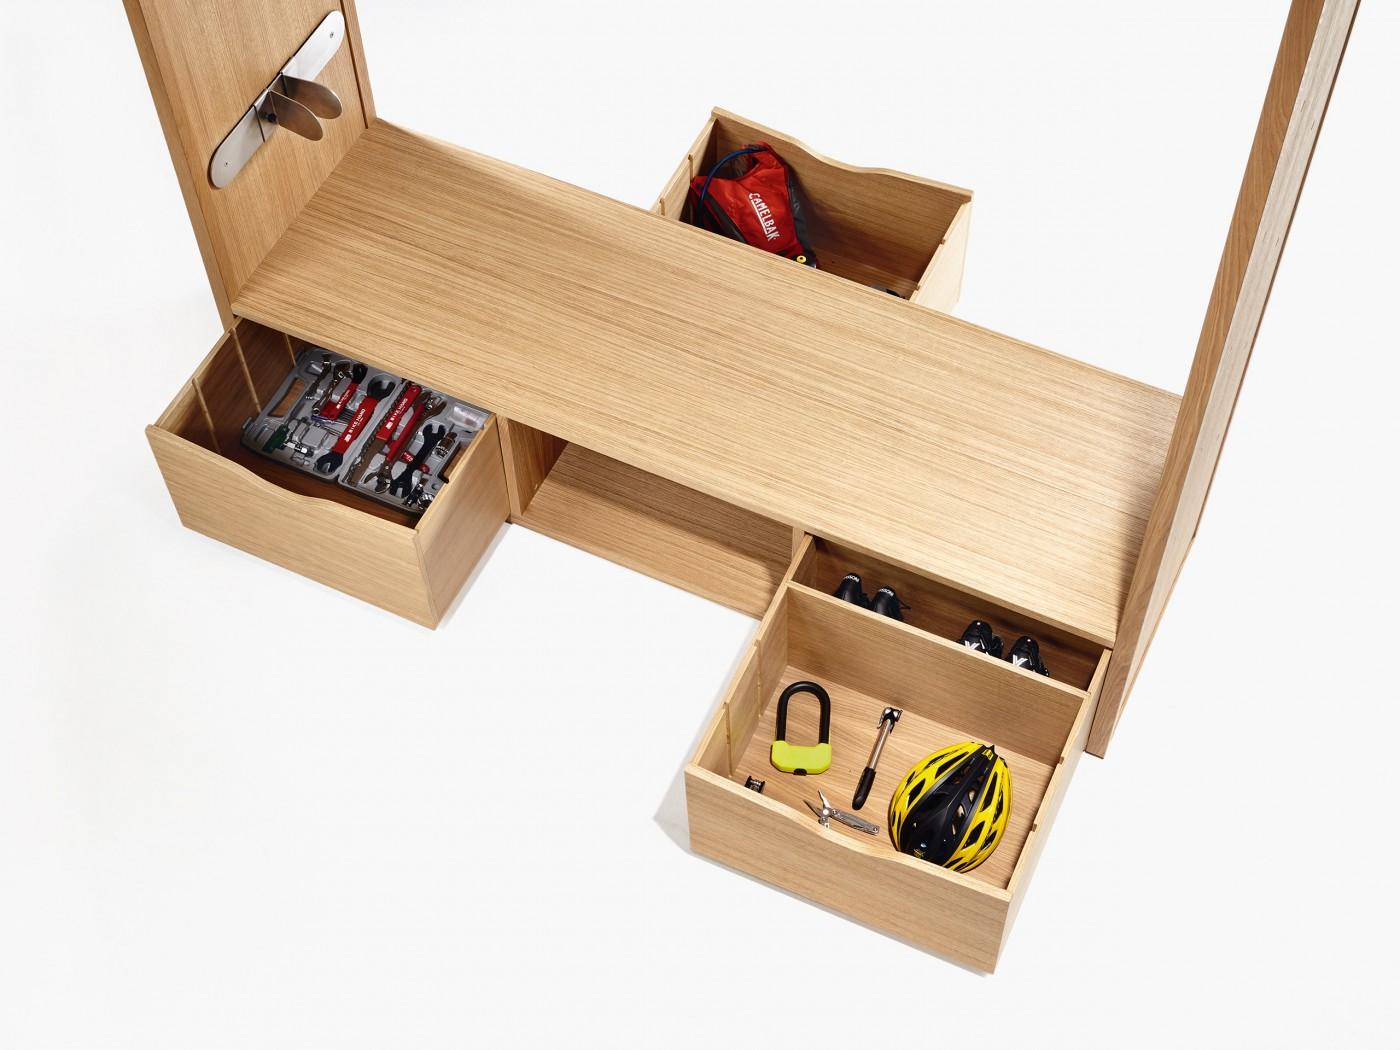 shelf-sub-1-3-1400x1050